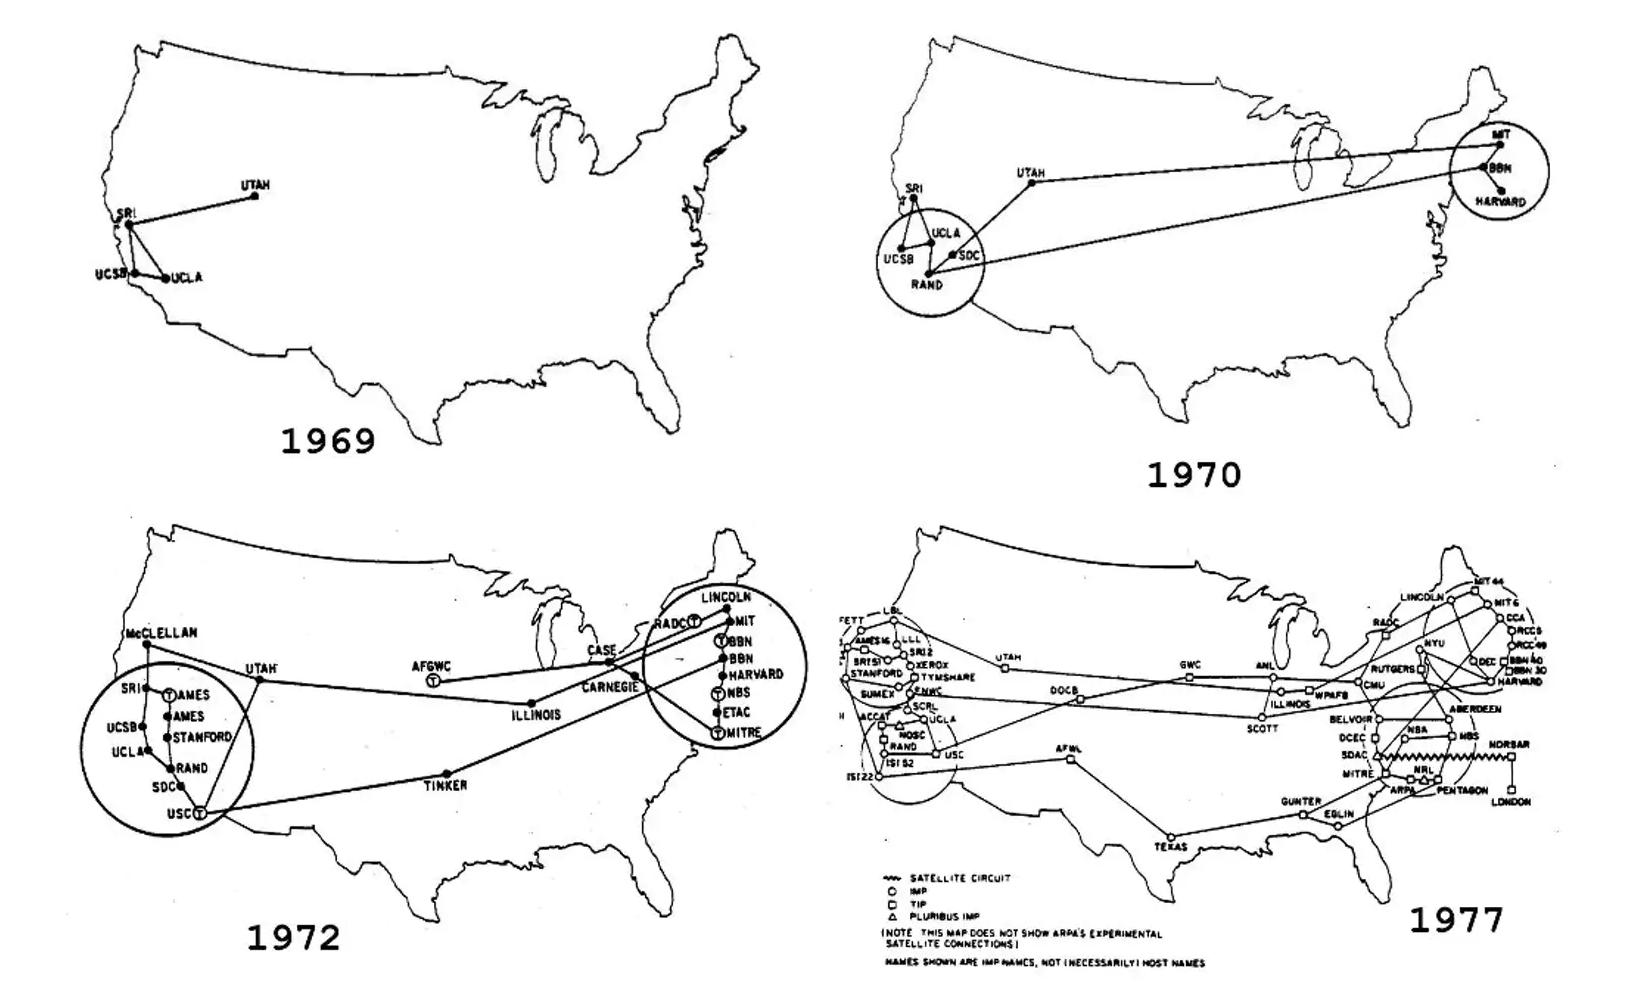 ARPANET 1969-1977 - wiki